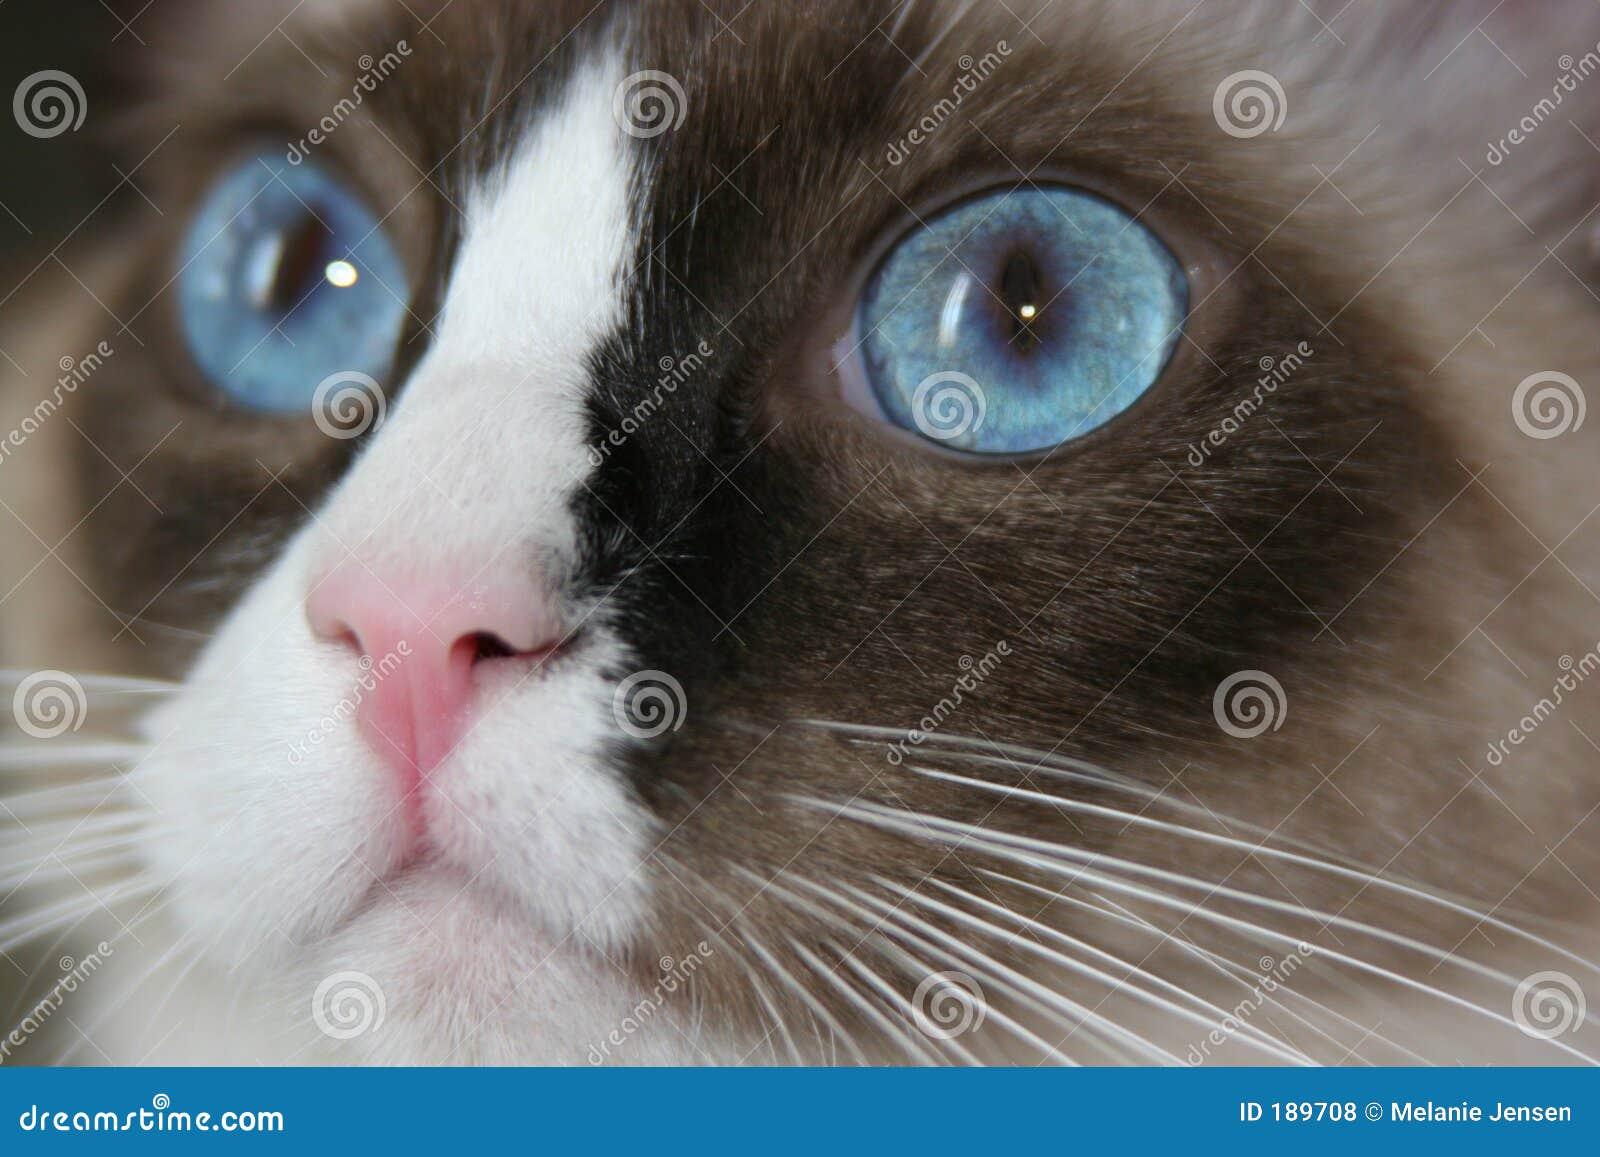 El ojo más azul